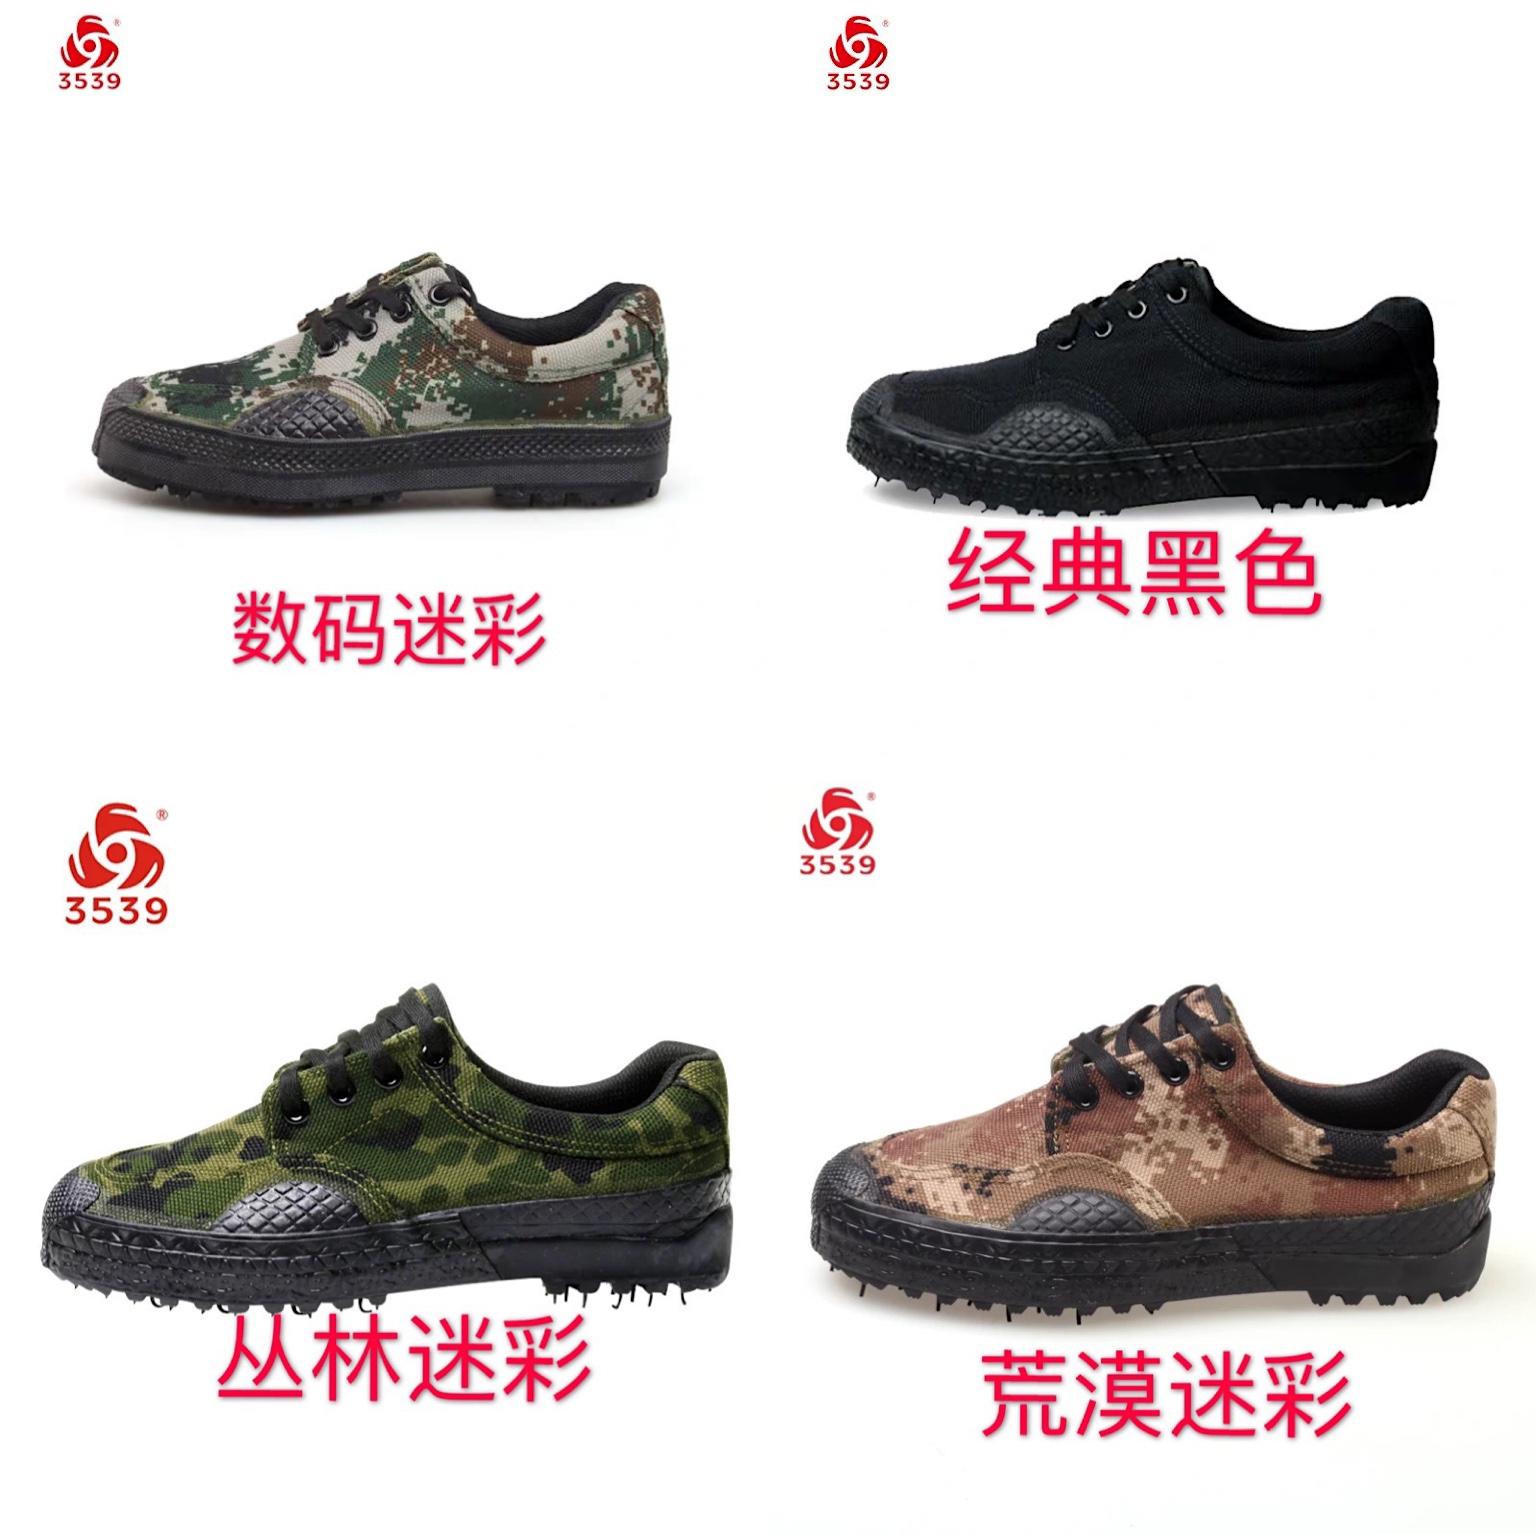 3539解放鞋迷彩军训鞋黑色正品07作训鞋耐磨帆布胶鞋工地劳动胶鞋